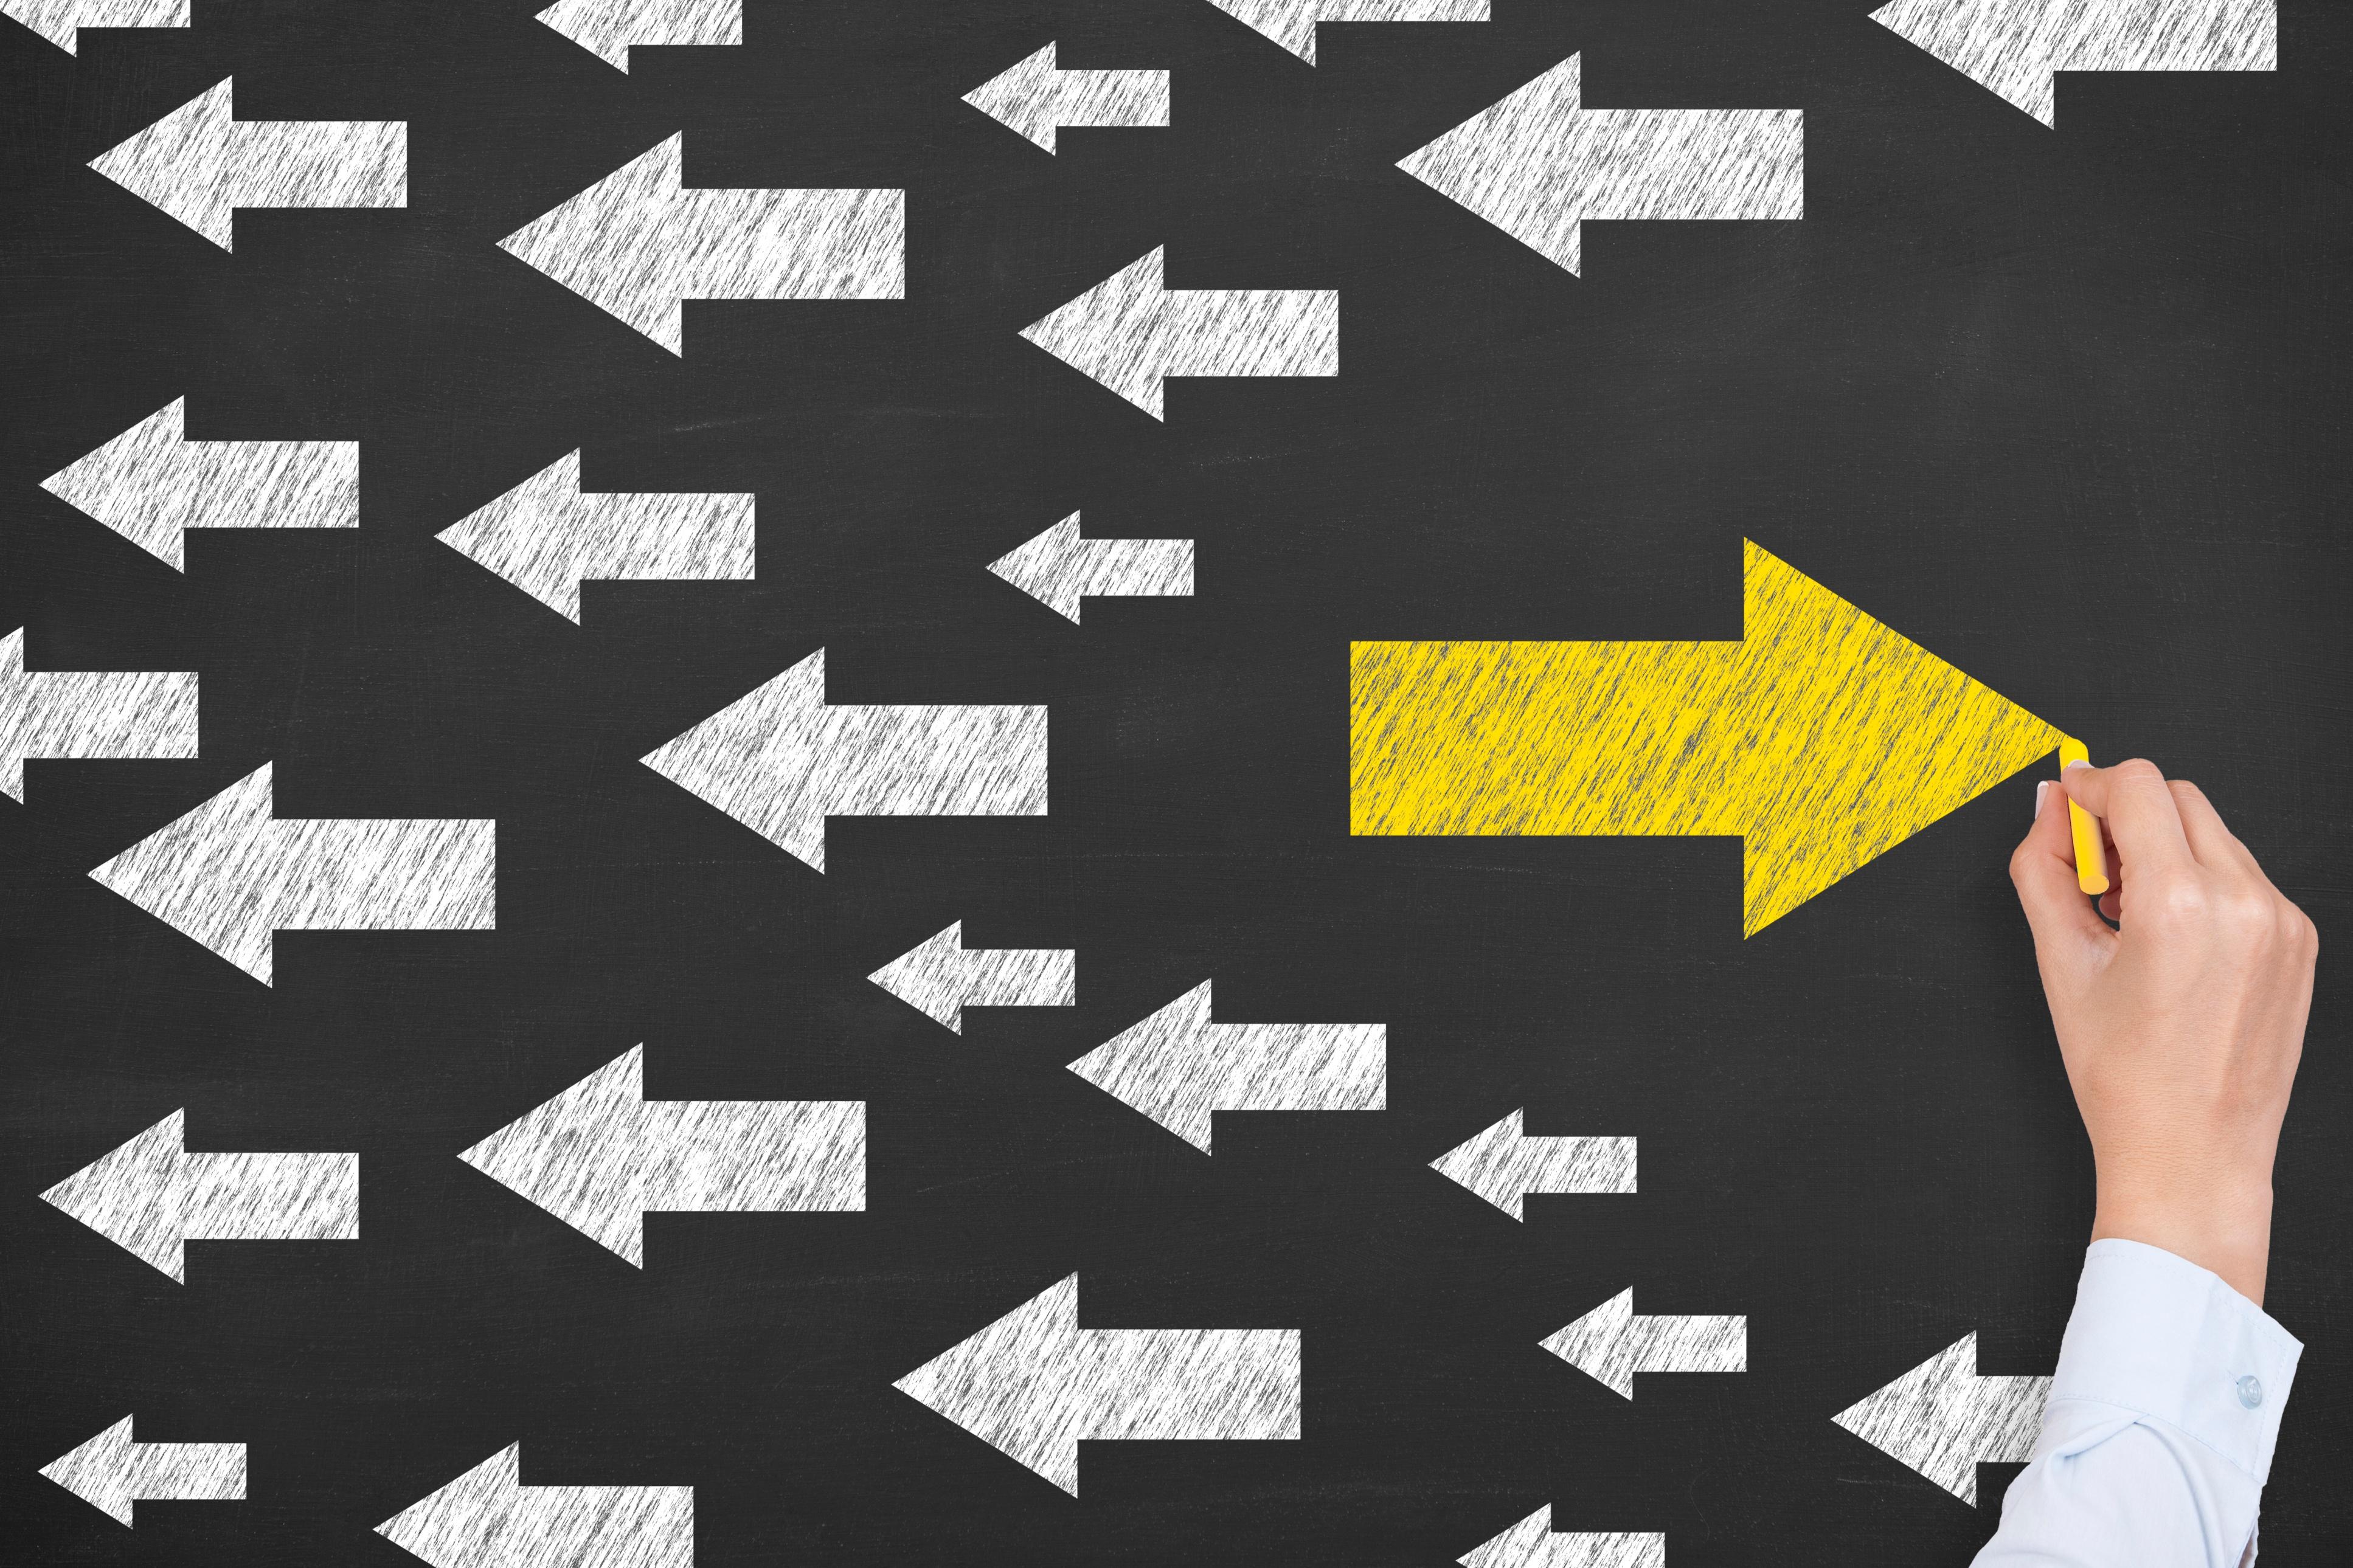 La metodología de ventas inbound de HubSpot marca el inicio de una nueva era de ventas